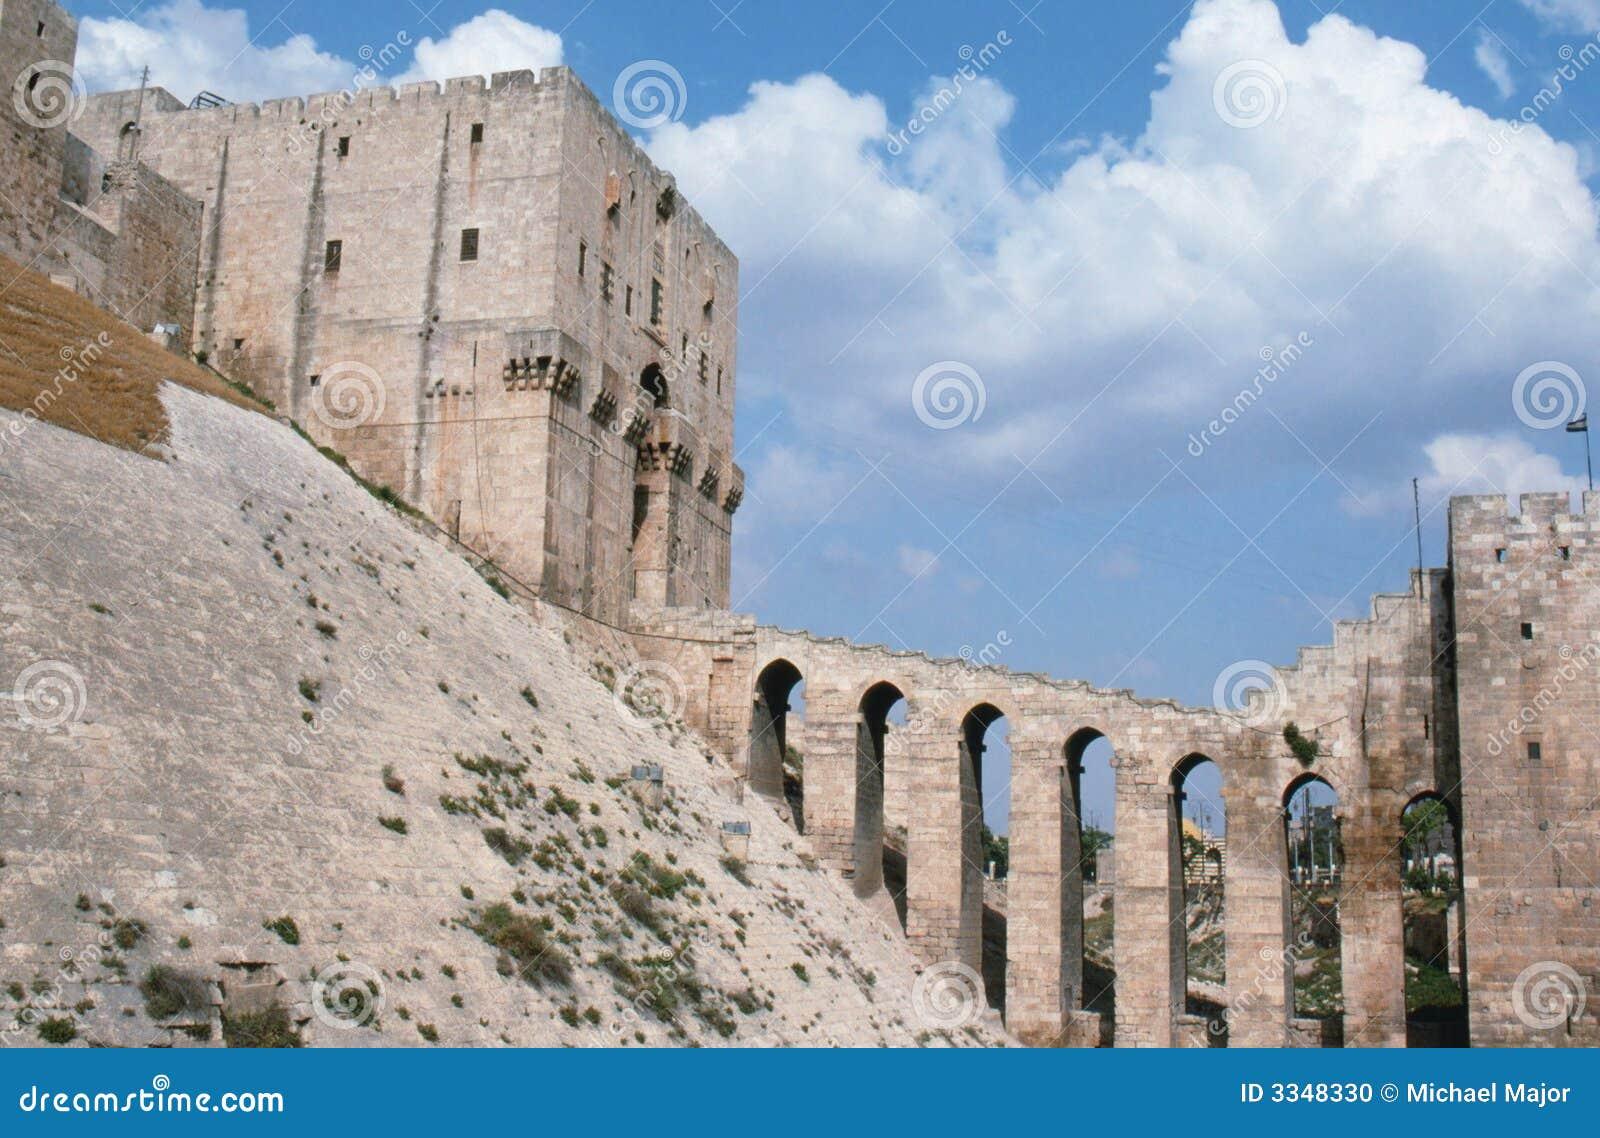 Citadel Aleppo Syria